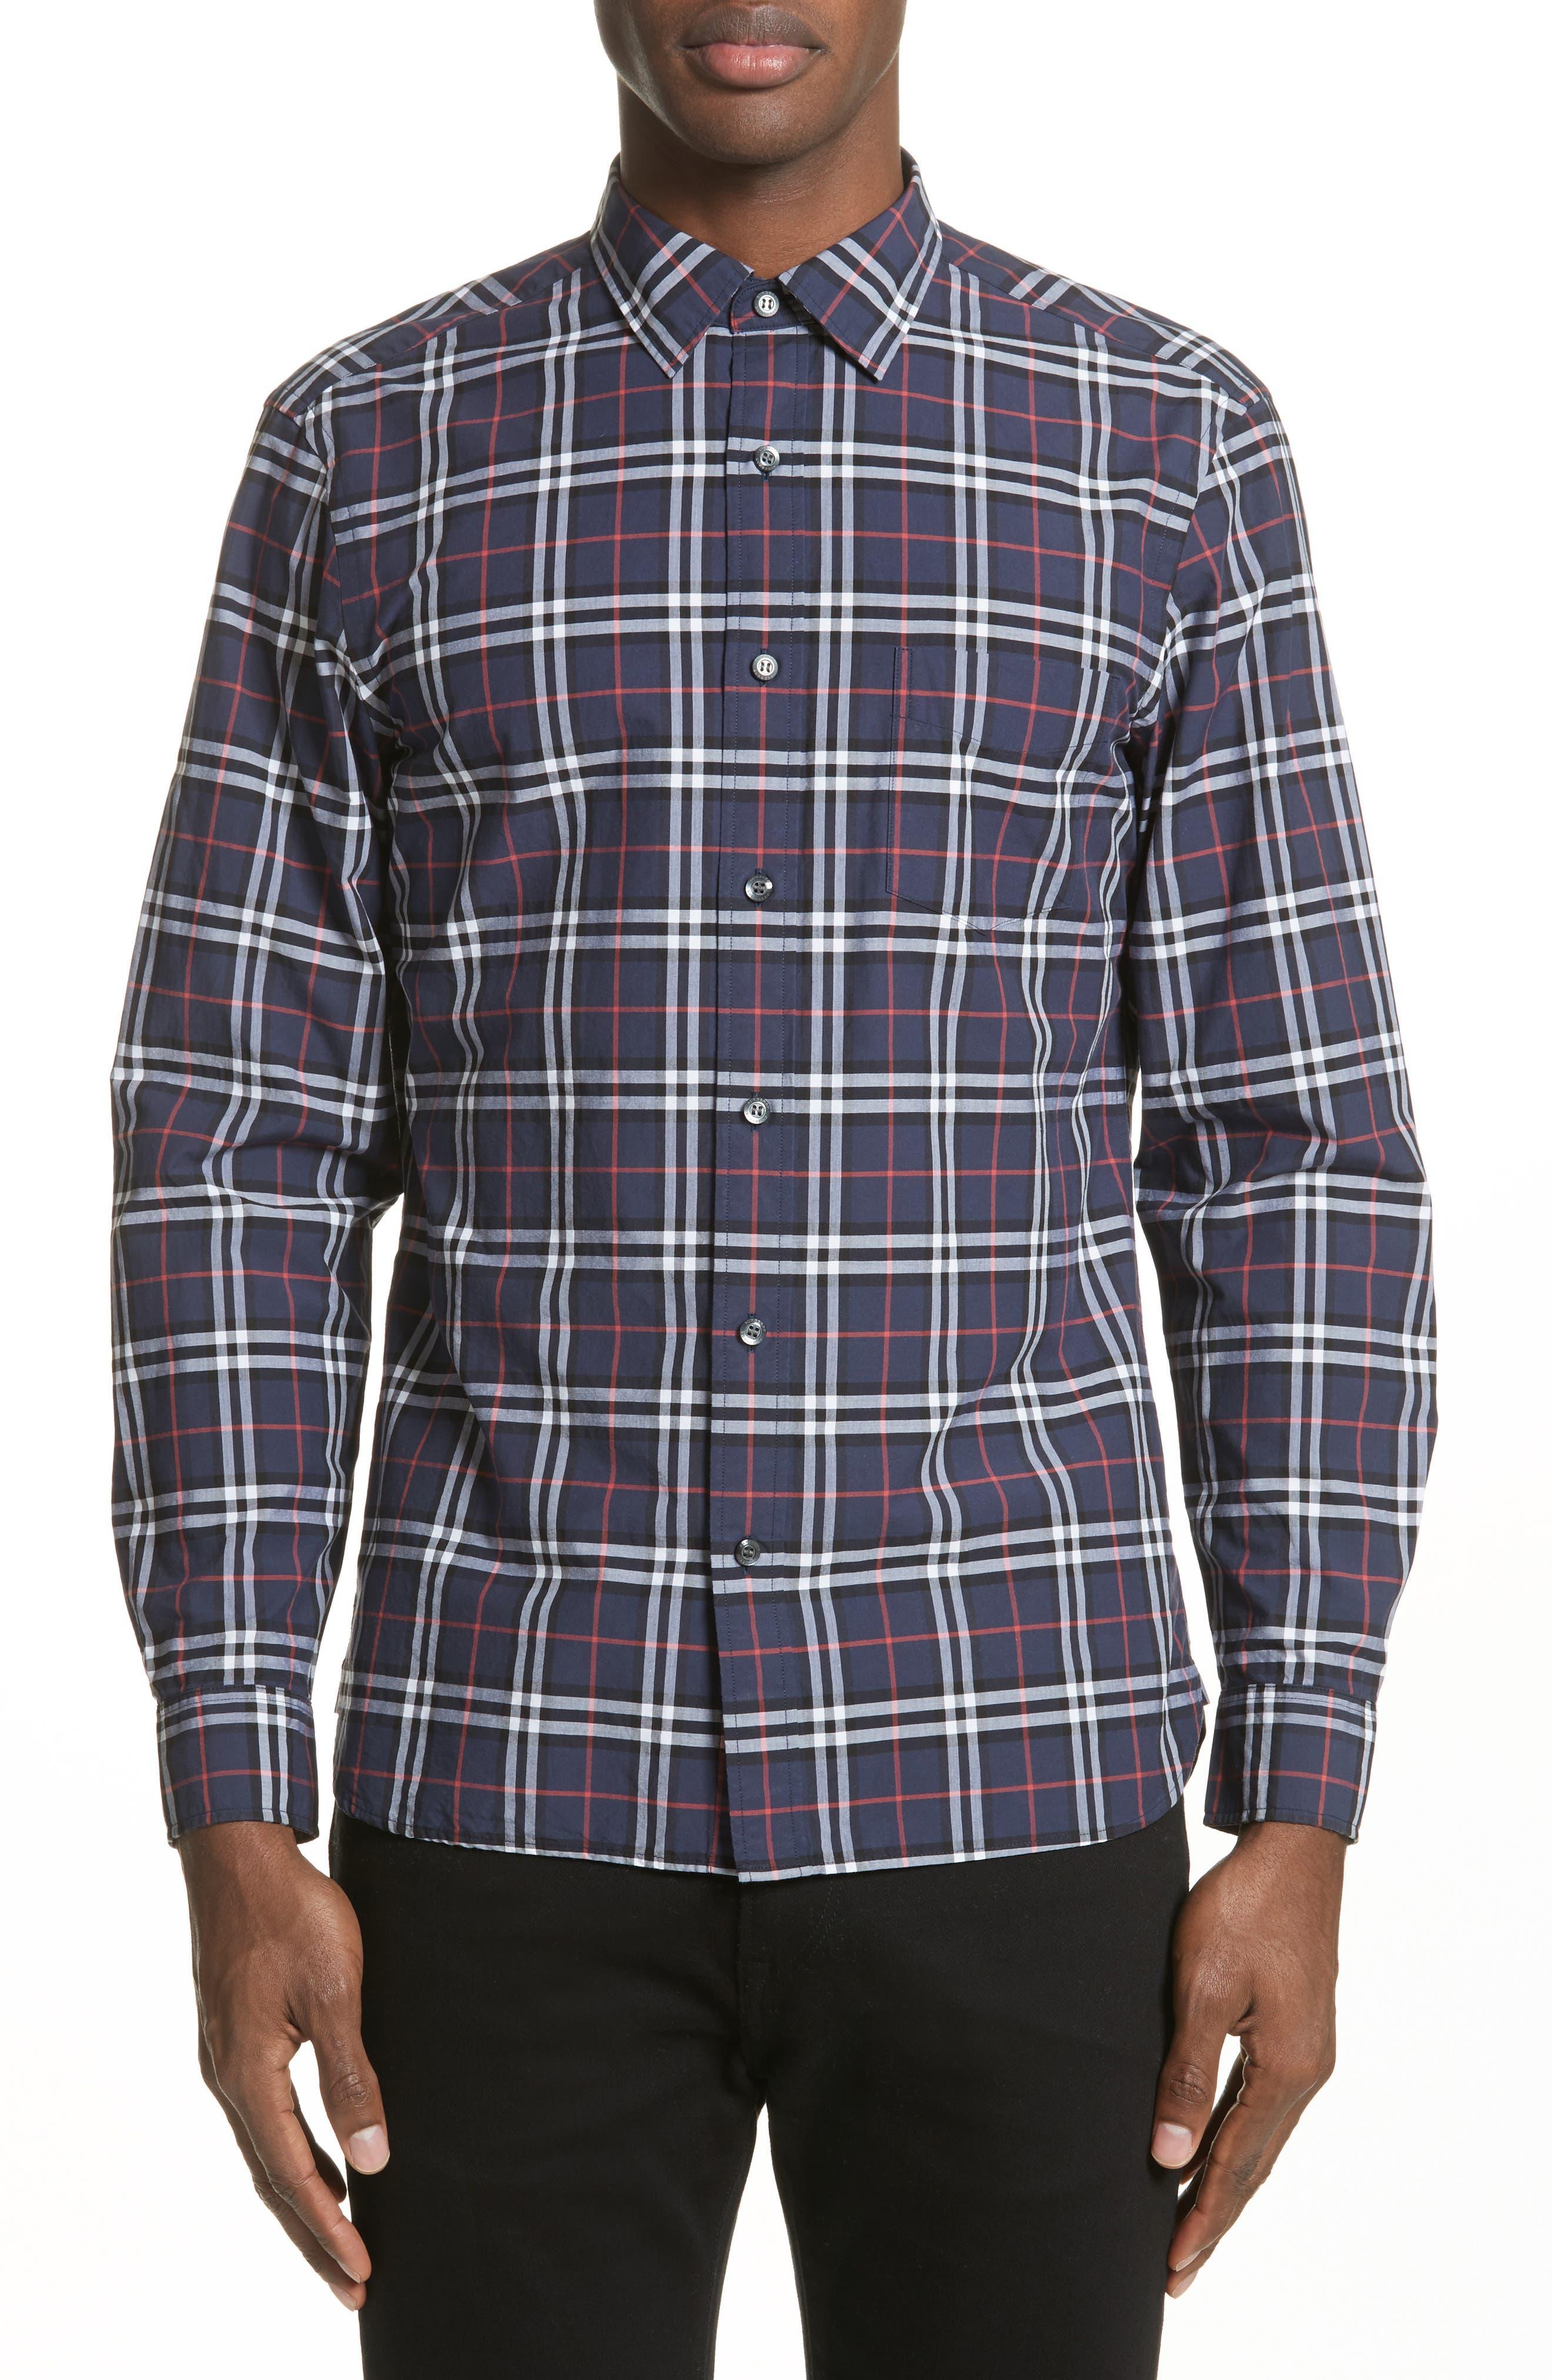 Alexander Check Sport Shirt,                             Main thumbnail 1, color,                             NAVY